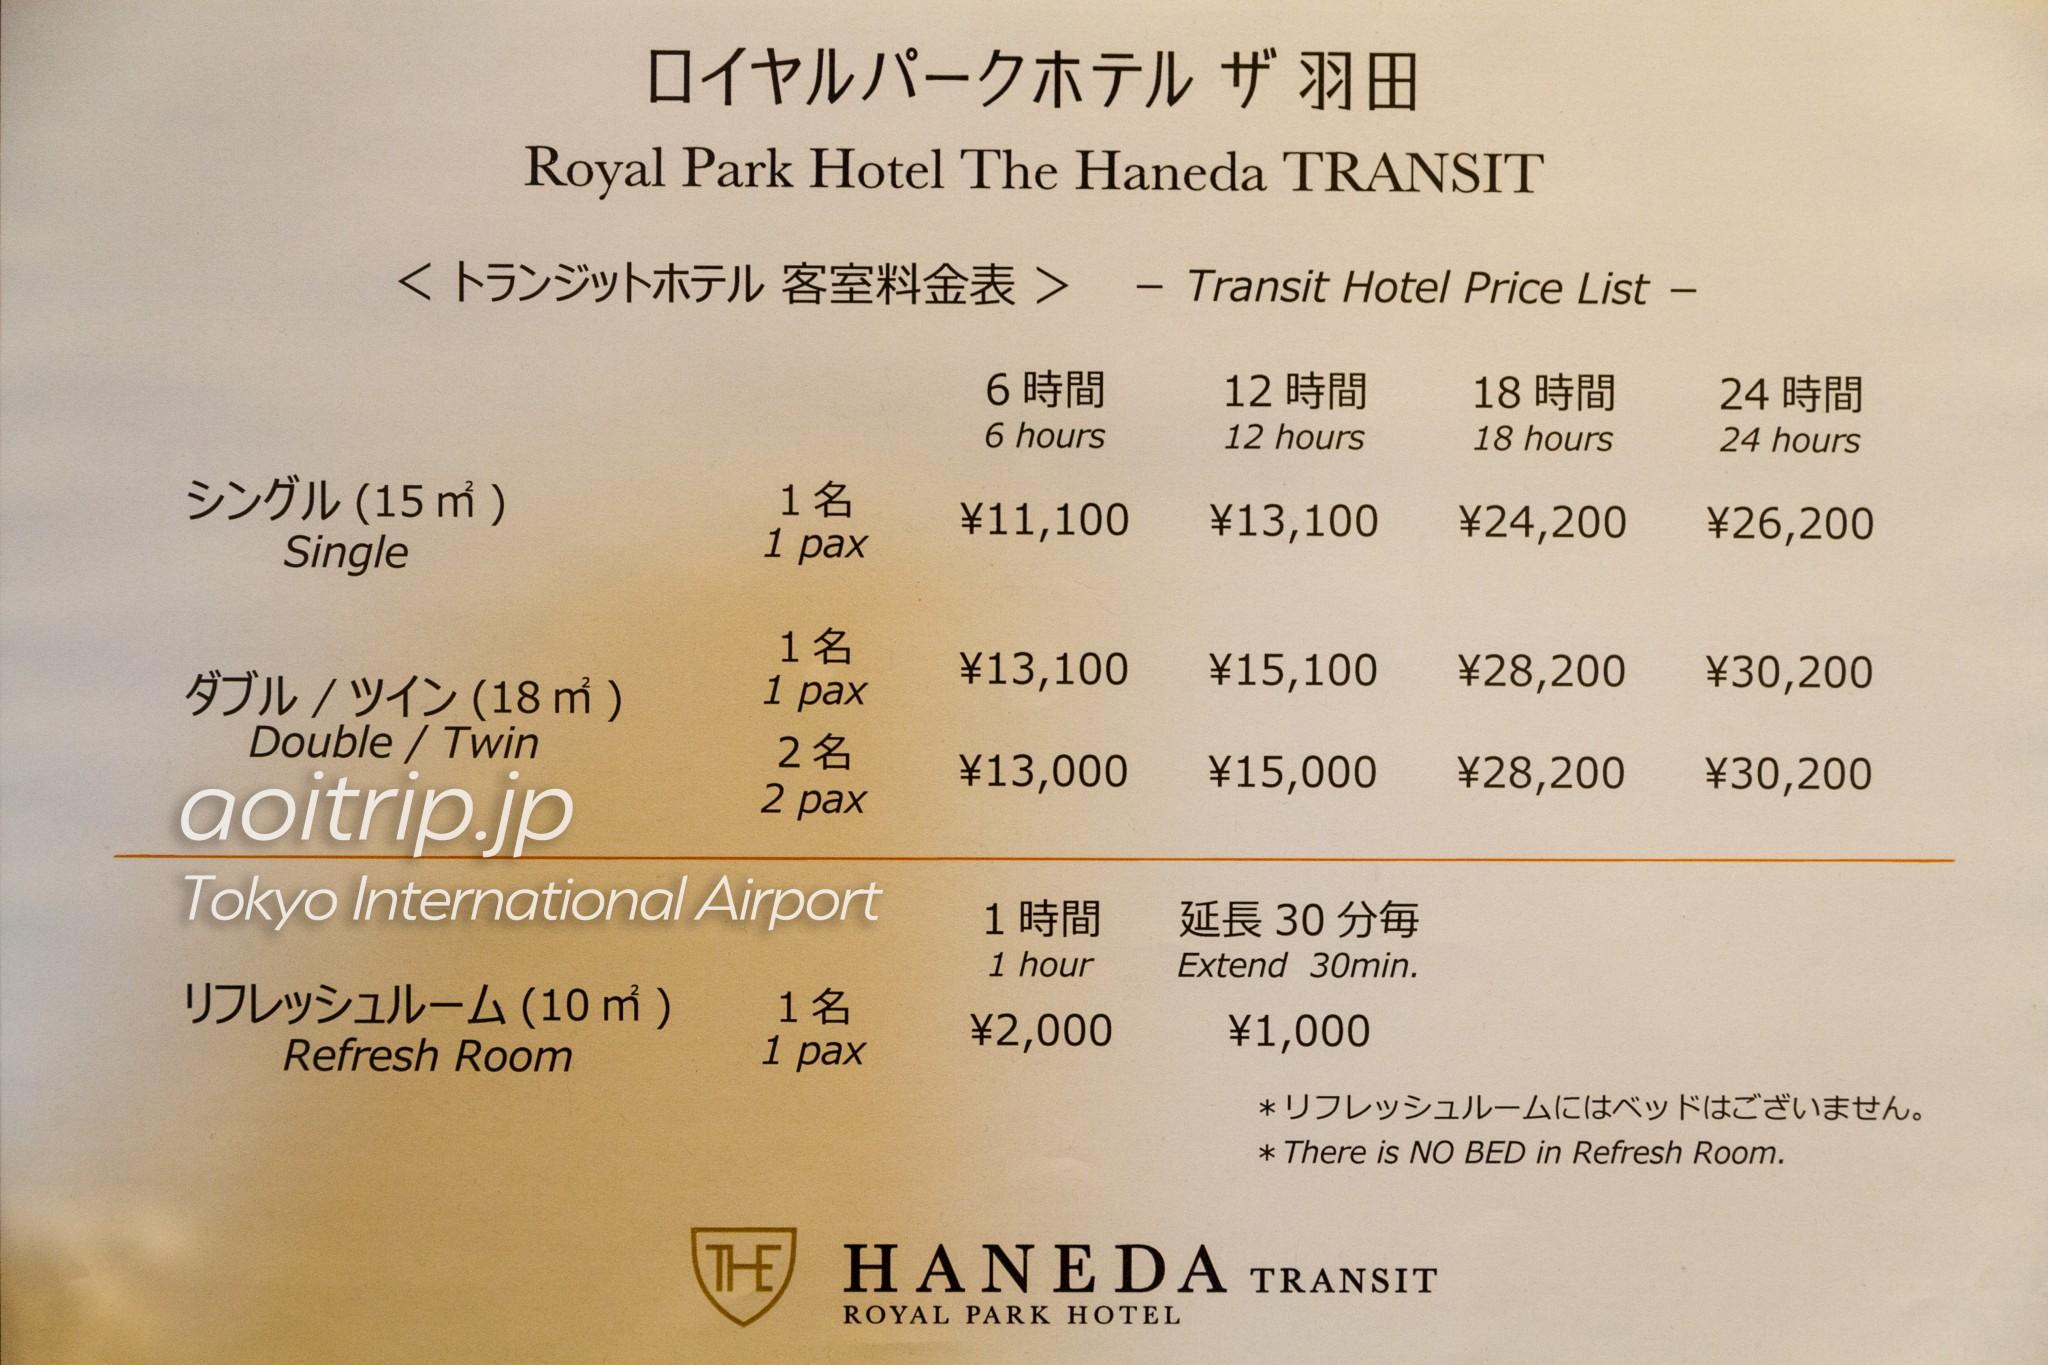 ロイヤルパークホテルザ羽田 トランジット 料金